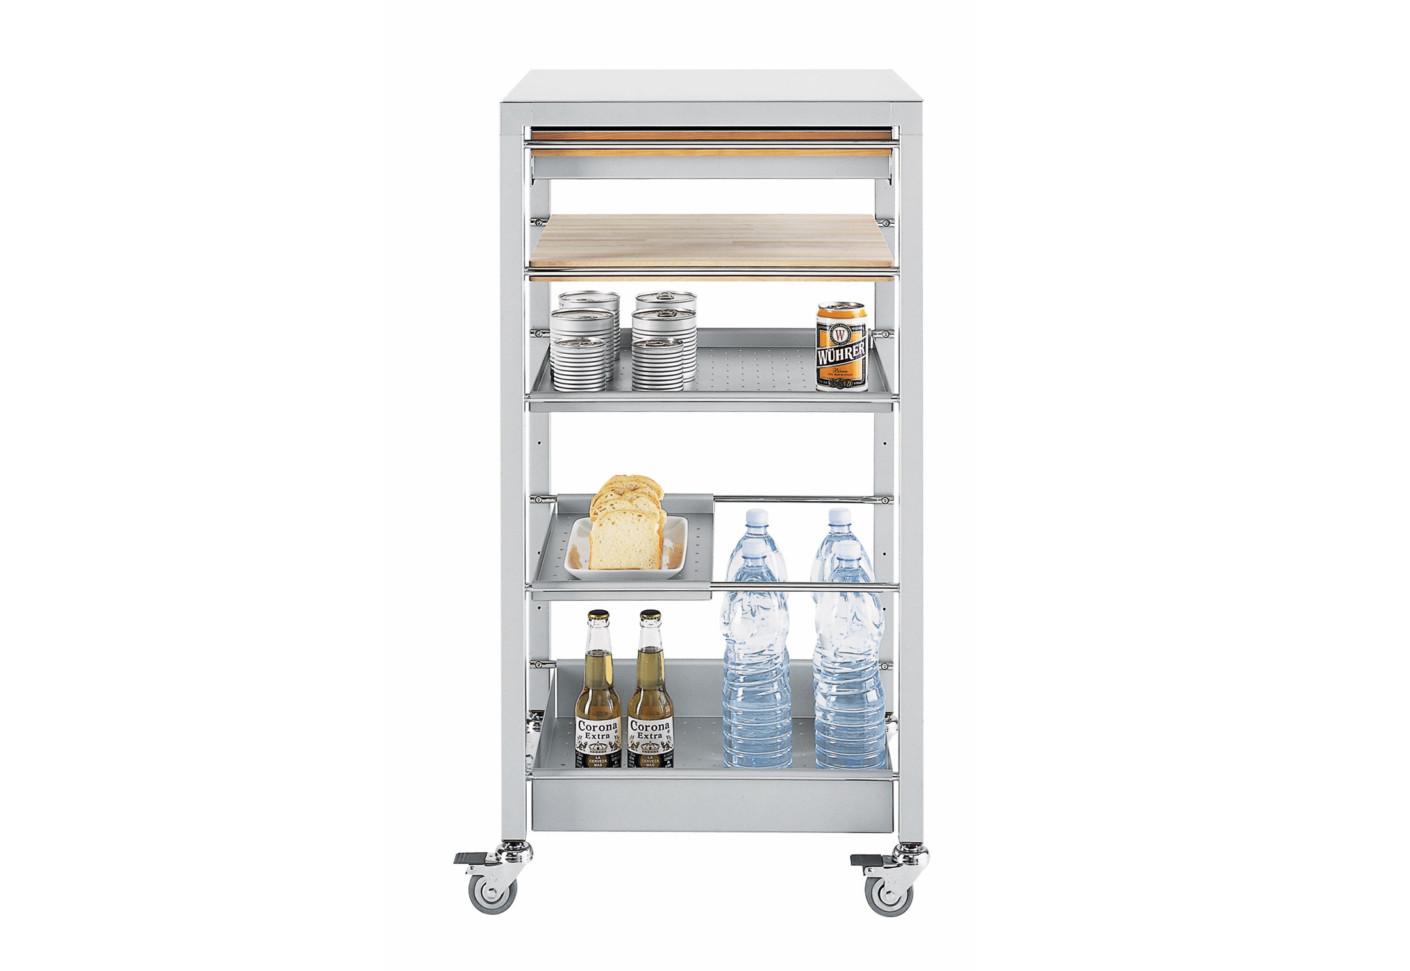 Carrelli Da Cucina Ikea Idee Di Interior Design